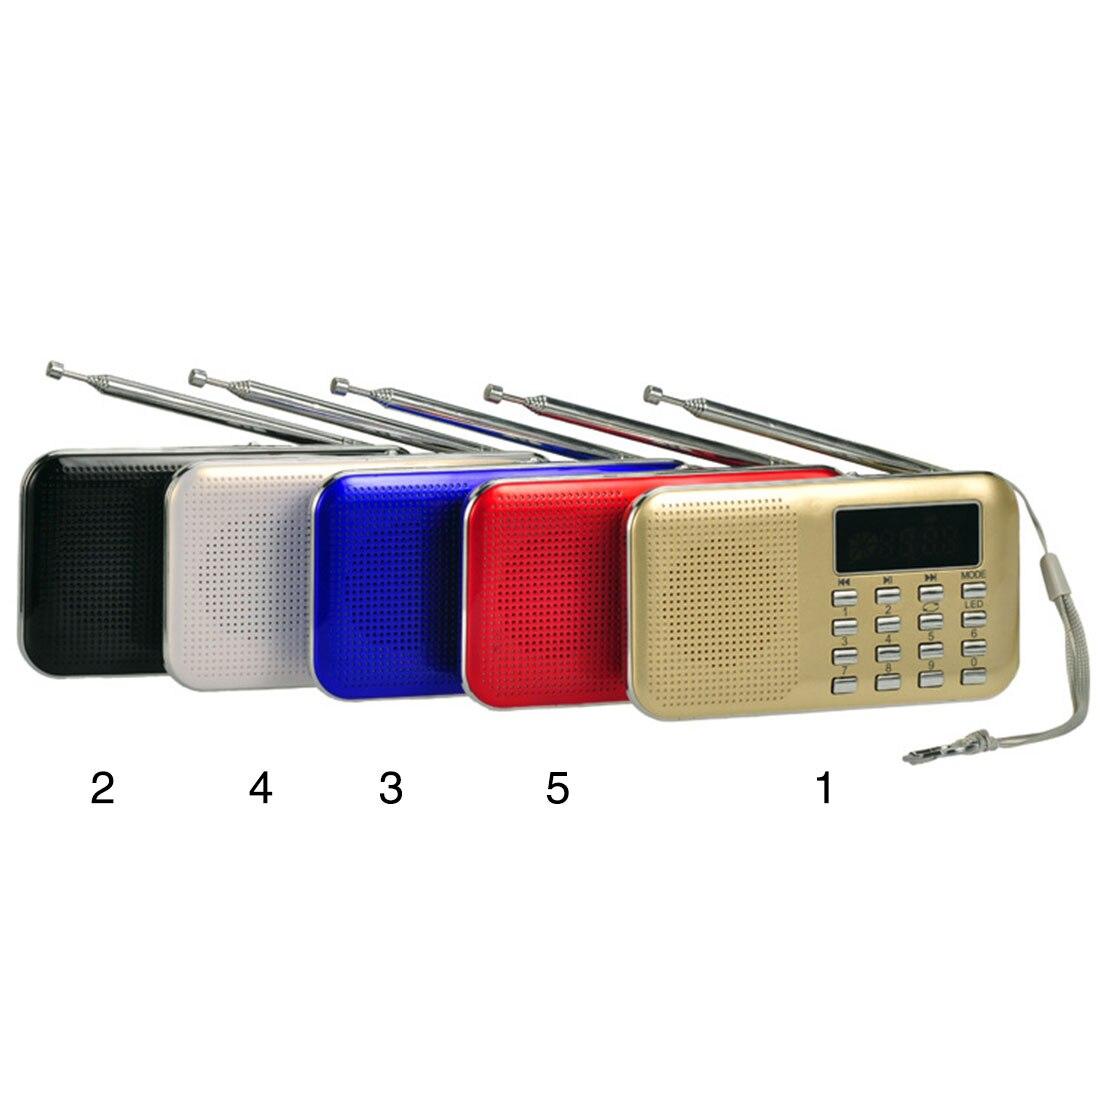 Tragbares Audio & Video Realistisch Neue Tragbare Mini Stereo Lcd Digital Fm Radio Lautsprecher Usb Tf Karte Mp3 Musik-player Mit Led-licht Und Wiederaufladbare Batterie Offensichtlicher Effekt Unterhaltungselektronik